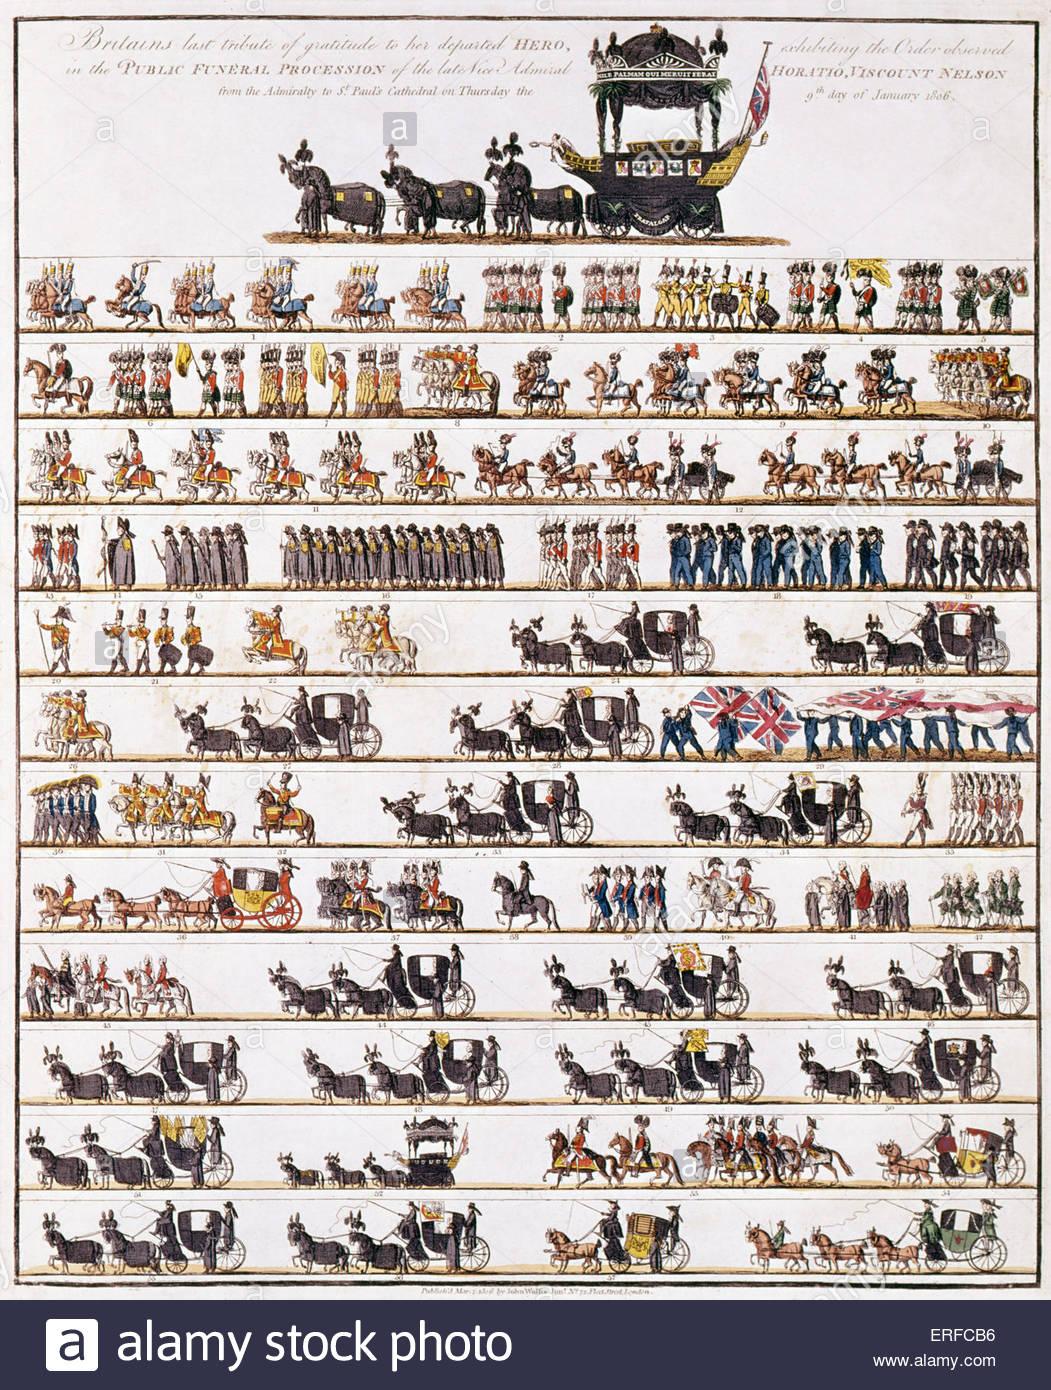 Ilustración de público procesión fúnebre del almirante Lord Nelson, desde el Almirantazgo a Imagen De Stock